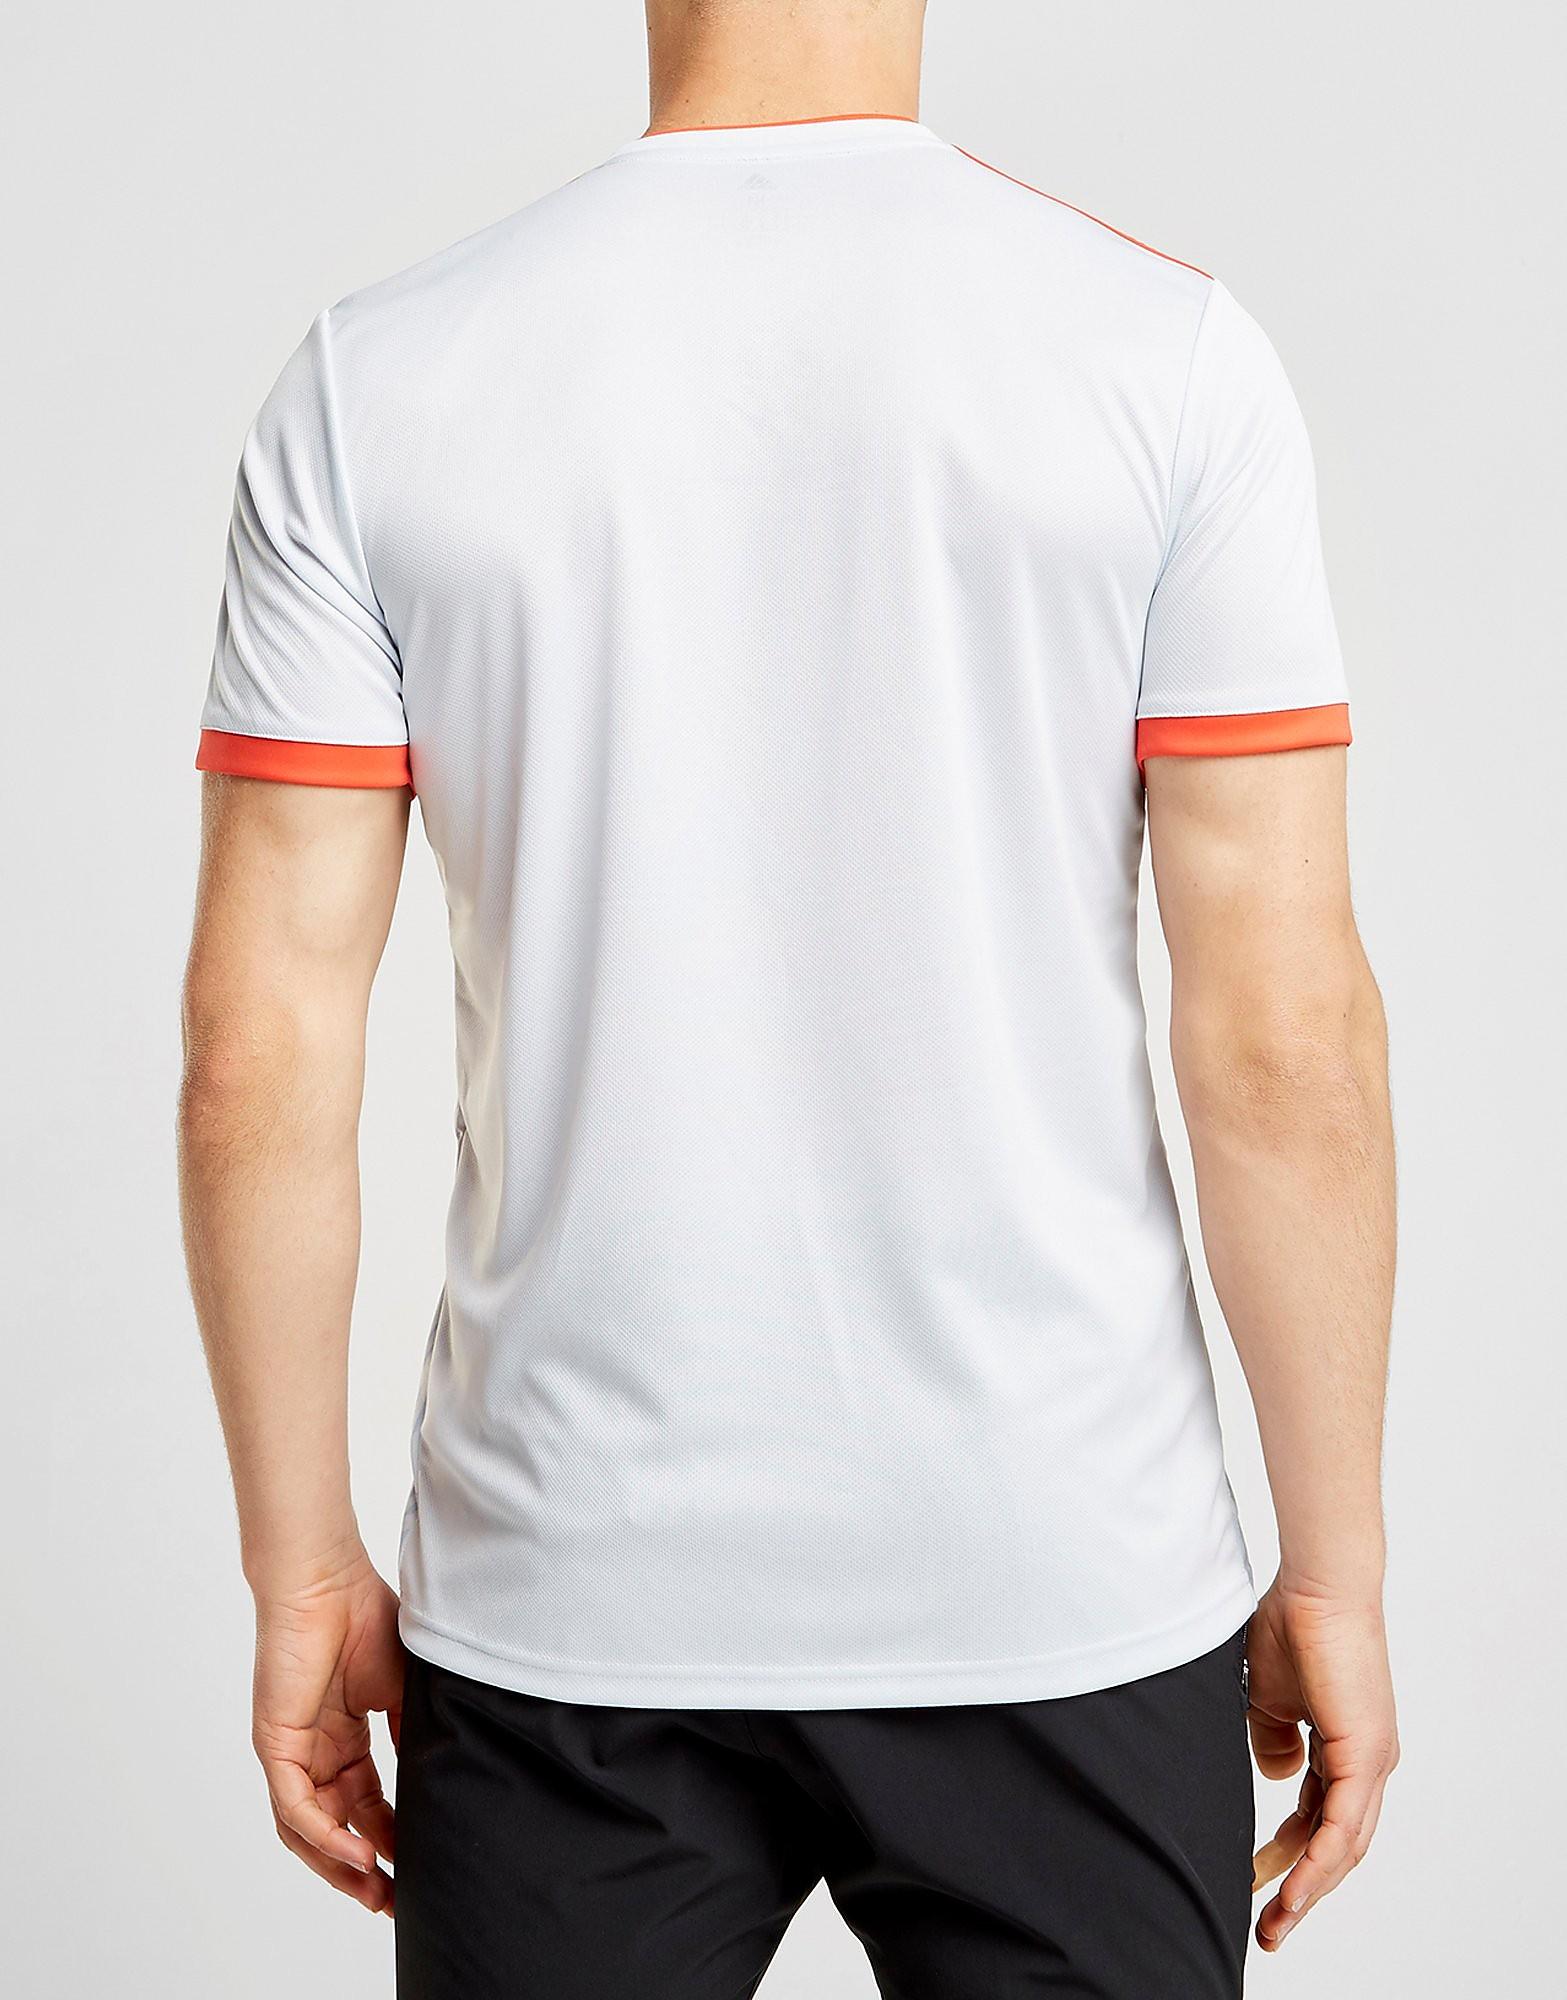 adidas Spain 2018 Away Shirt